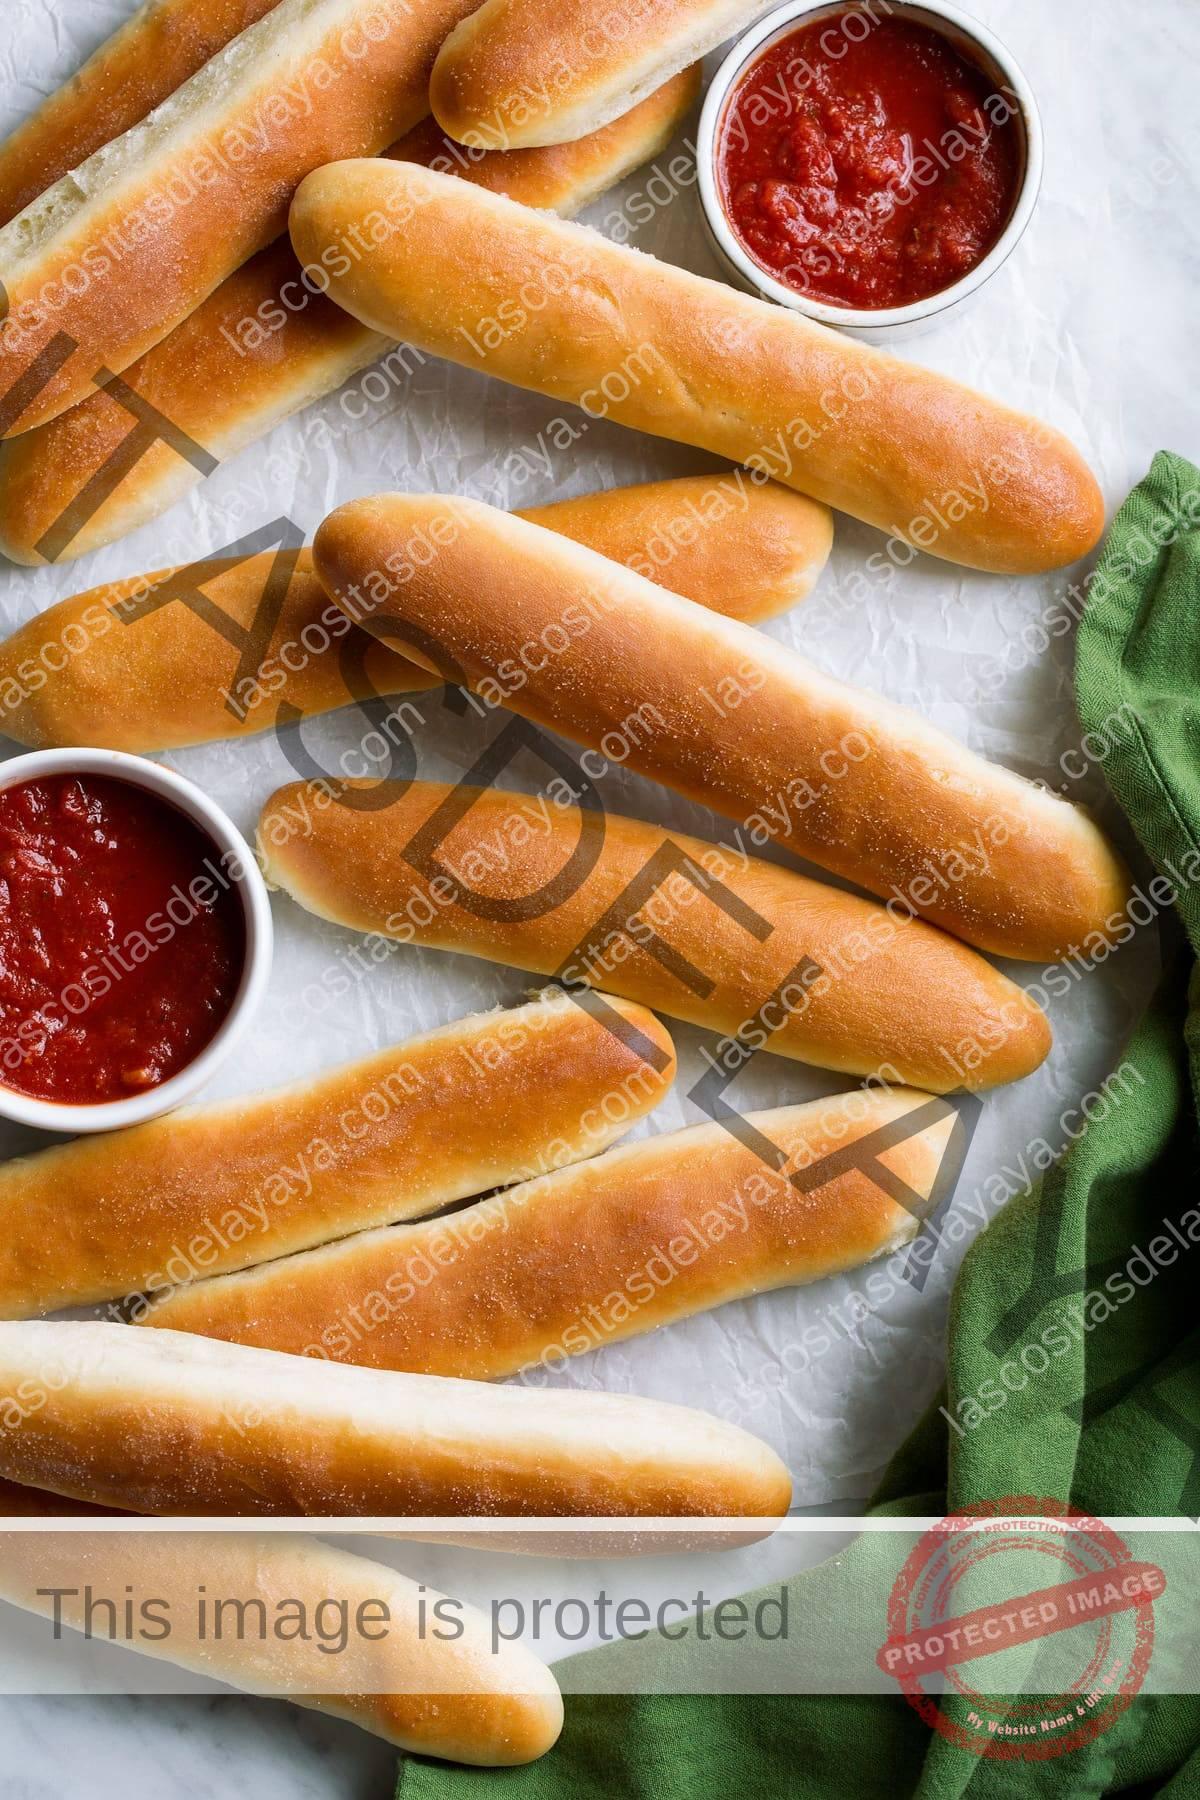 Palitos de pan esparcidos sobre el pergamino con los lados de la salsa marinara.